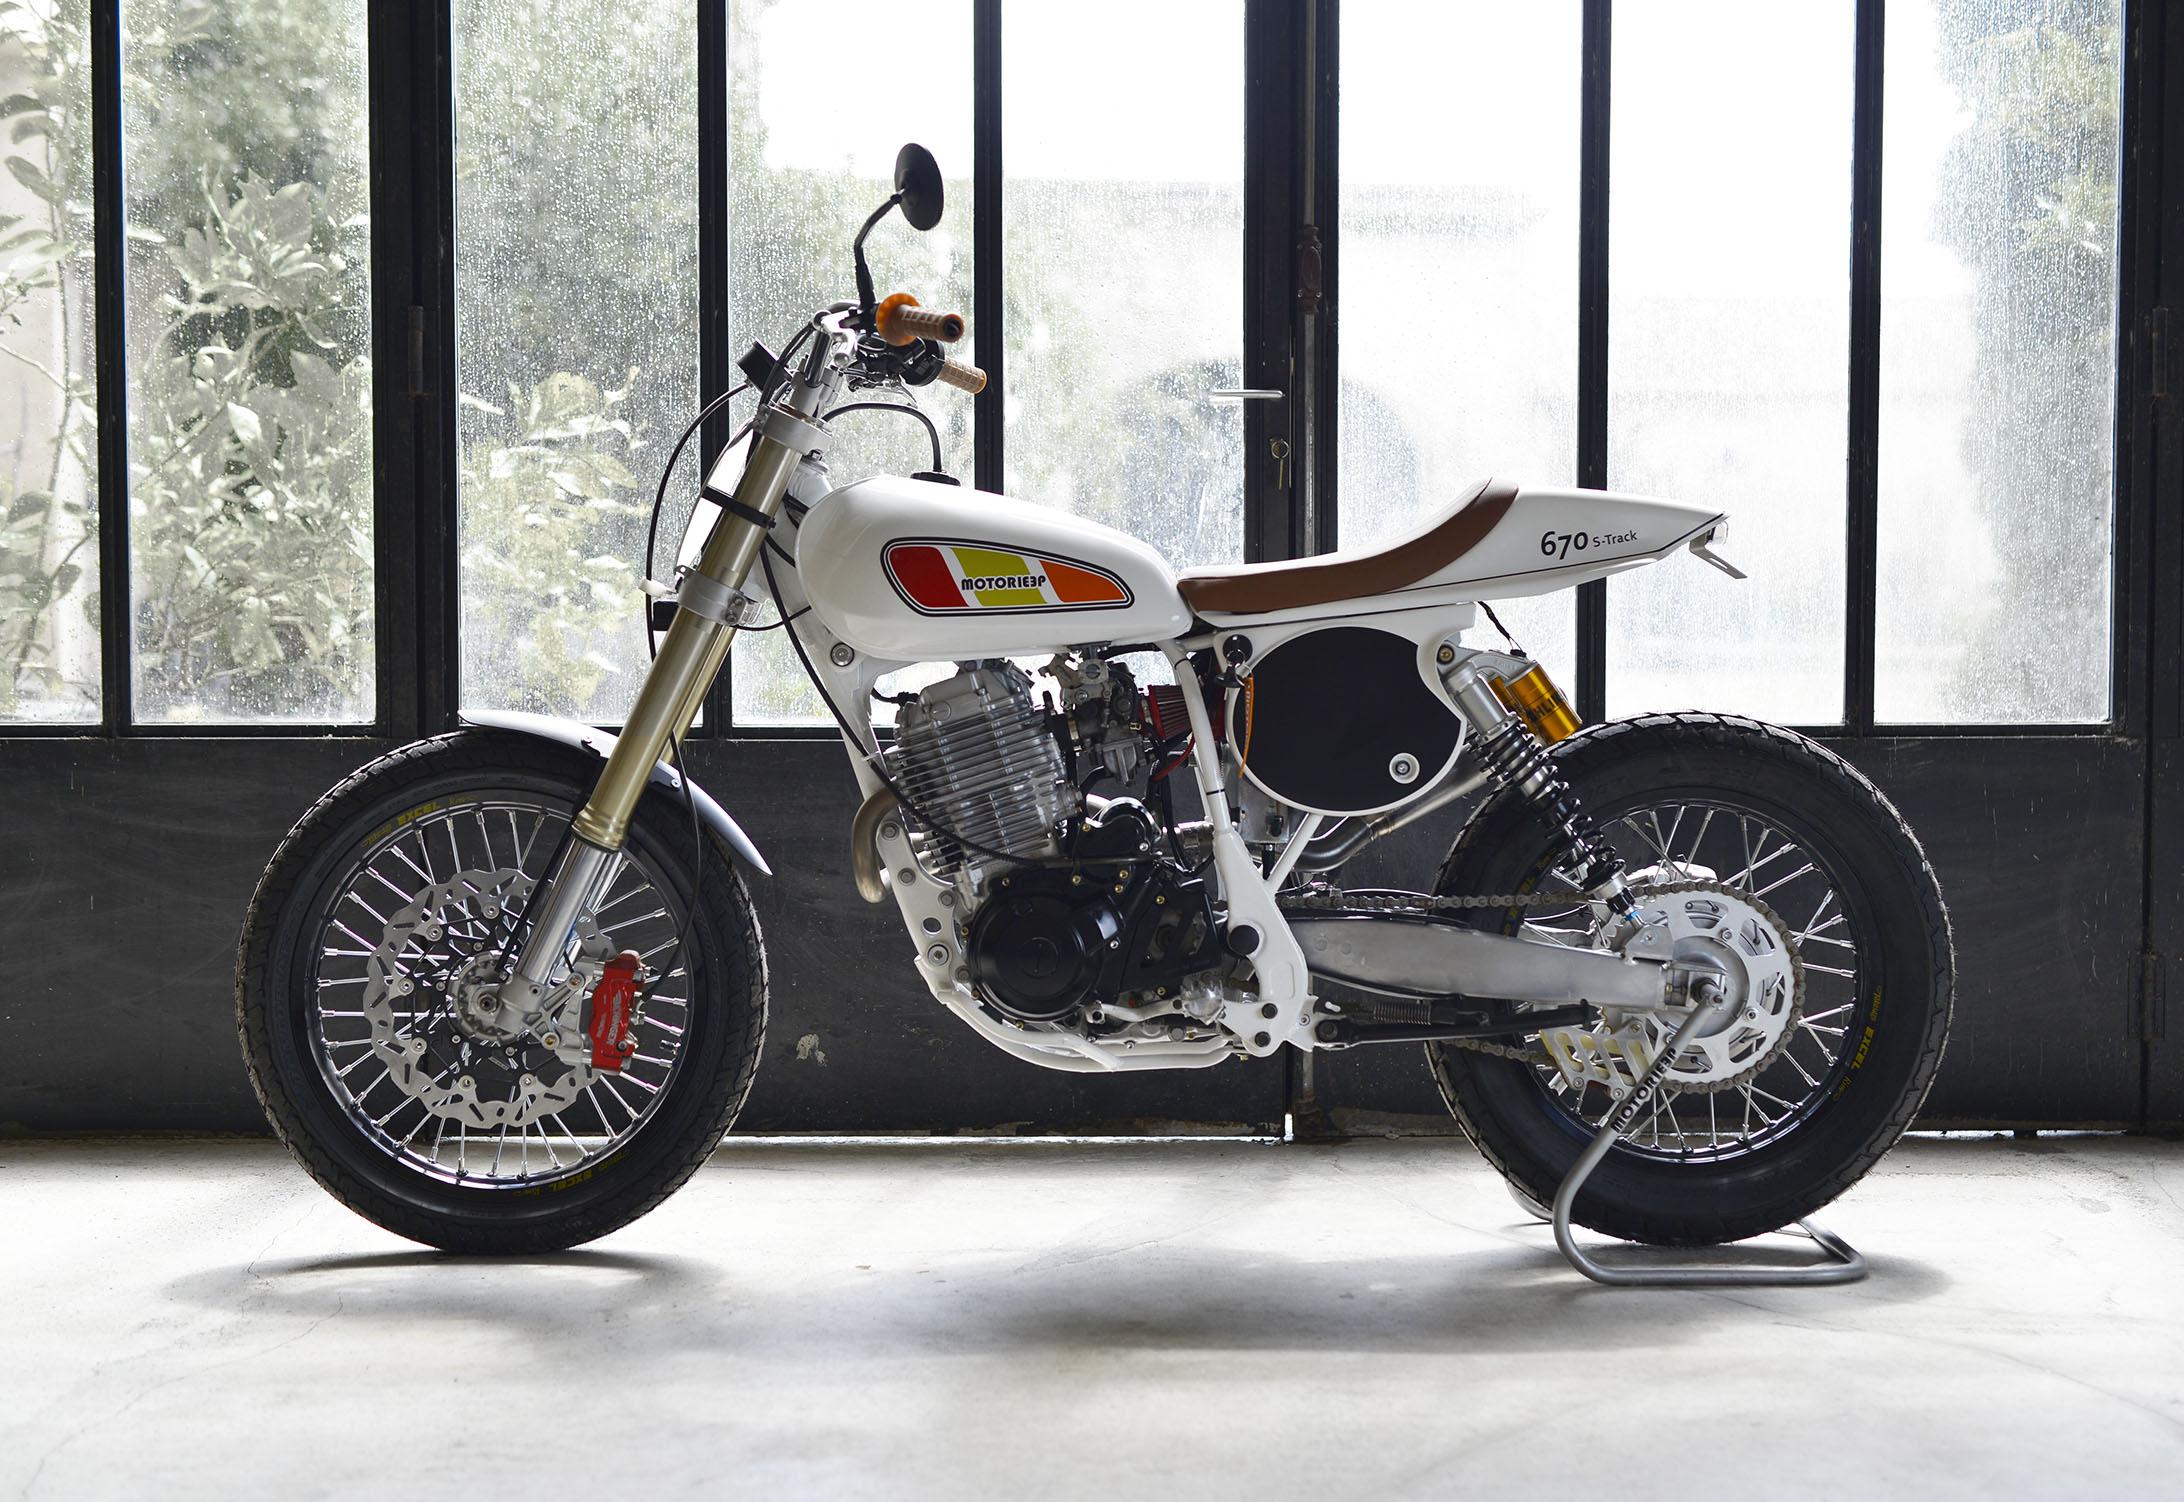 Motorieep 670 ST3 4